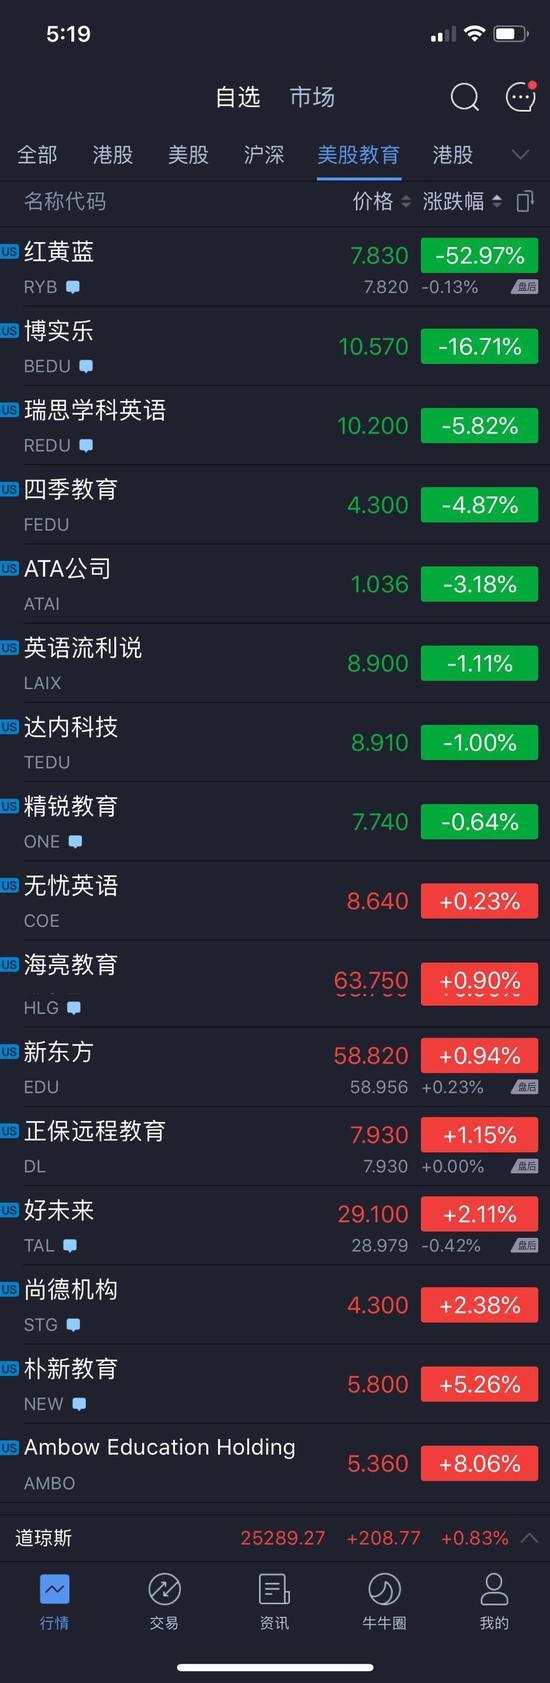 红黄蓝暴跌52%收盘 10家行业全方位解读学前教育新规